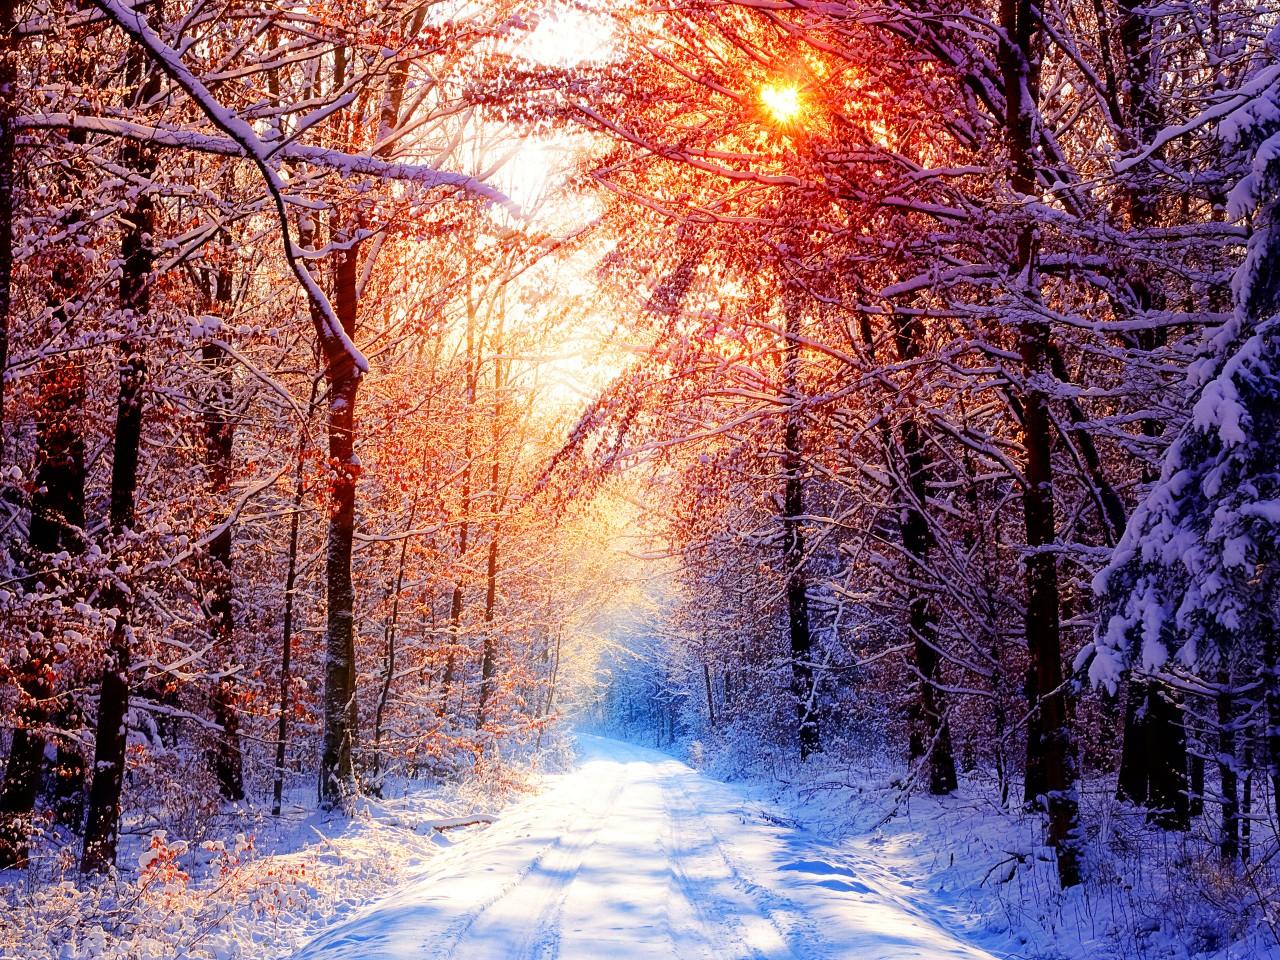 Iphone Nature Wallpaper - JoBSPapa.com